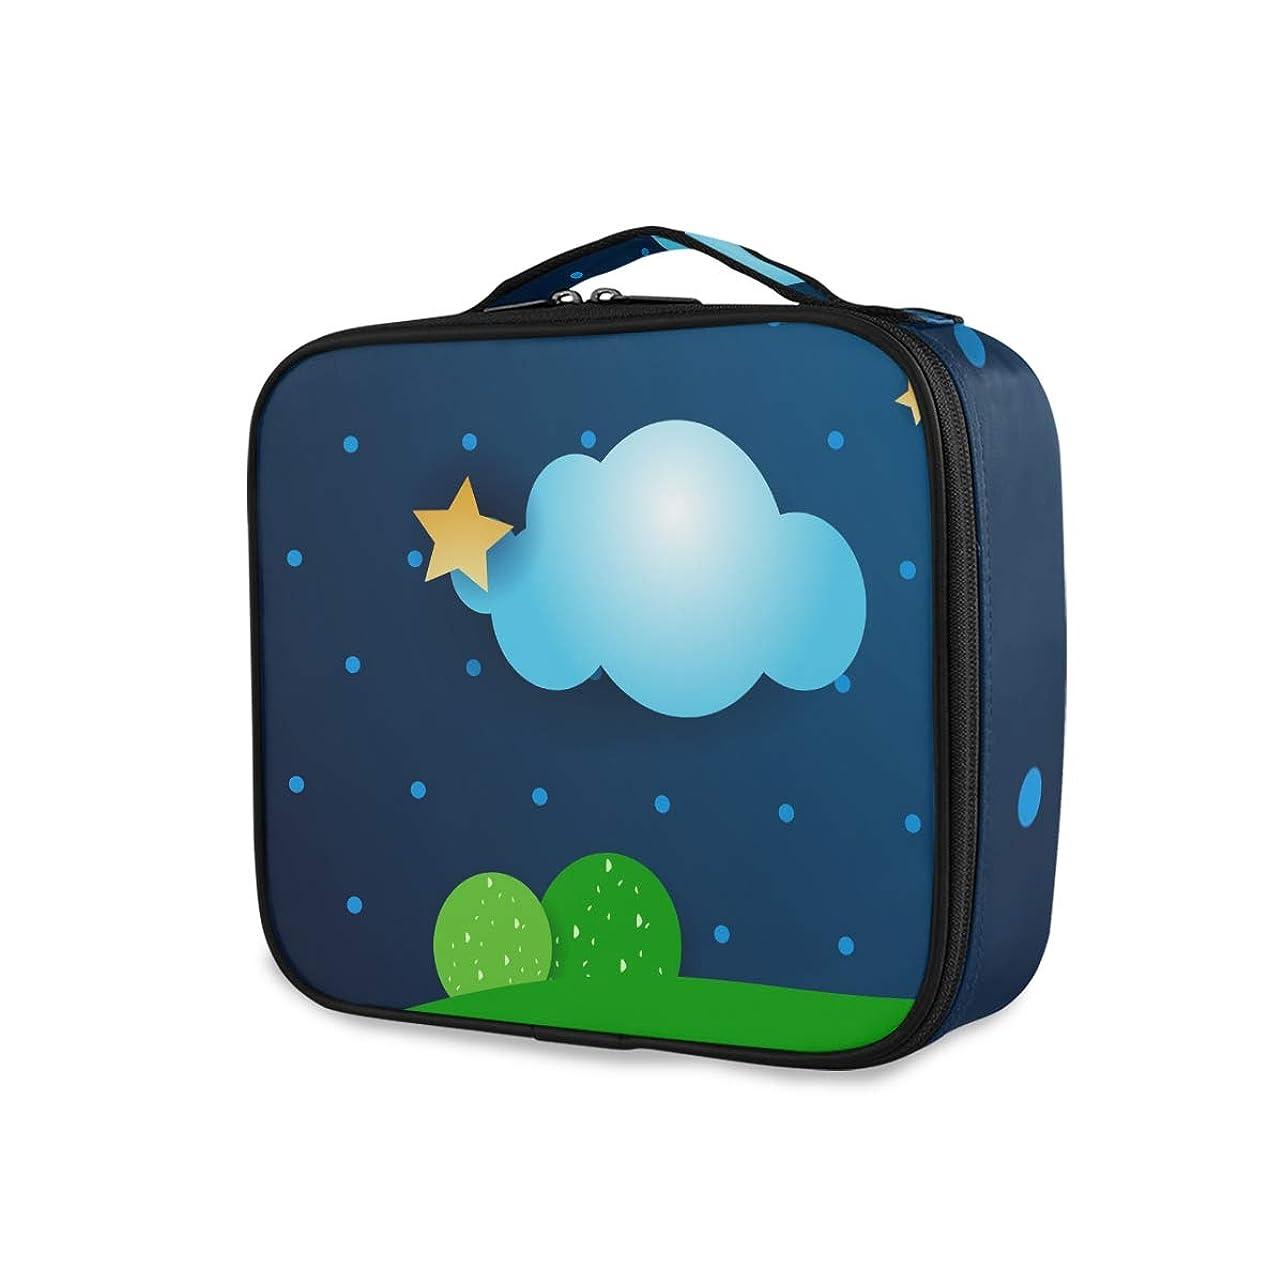 右出会い出会い漫画の青い空の星メイクアップバッグトイレタリーケースジッパーメイクアップ化粧品袋オーガナイザーポーチコンパートメントに無料女性女の子